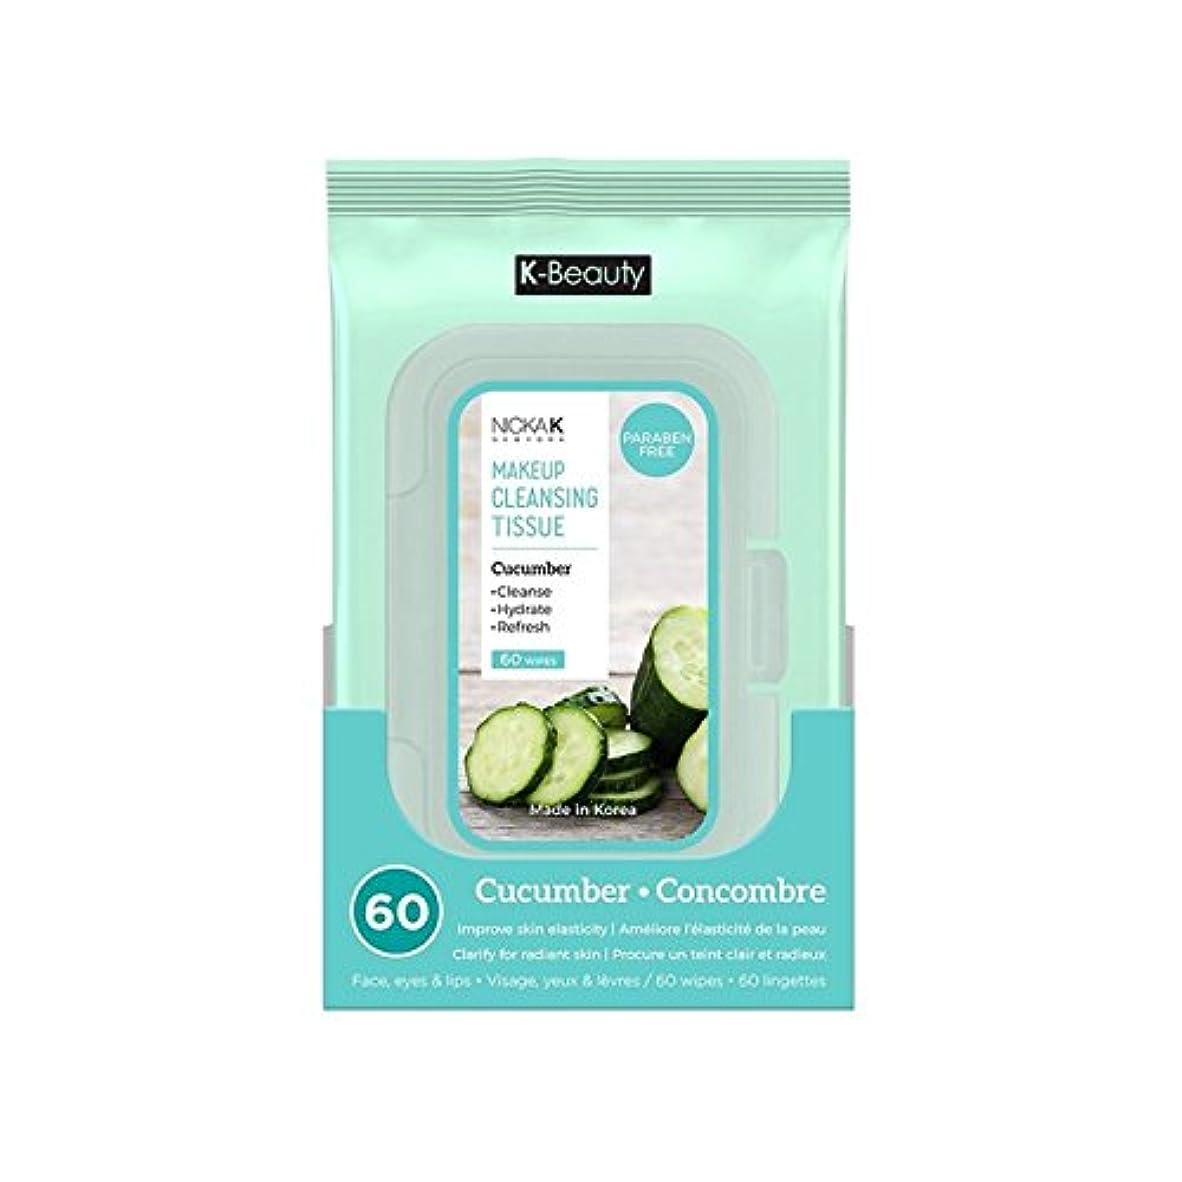 ランチョン交じるスカーフ(3 Pack) NICKA K Make Up Cleansing Tissue - Cucumber (並行輸入品)